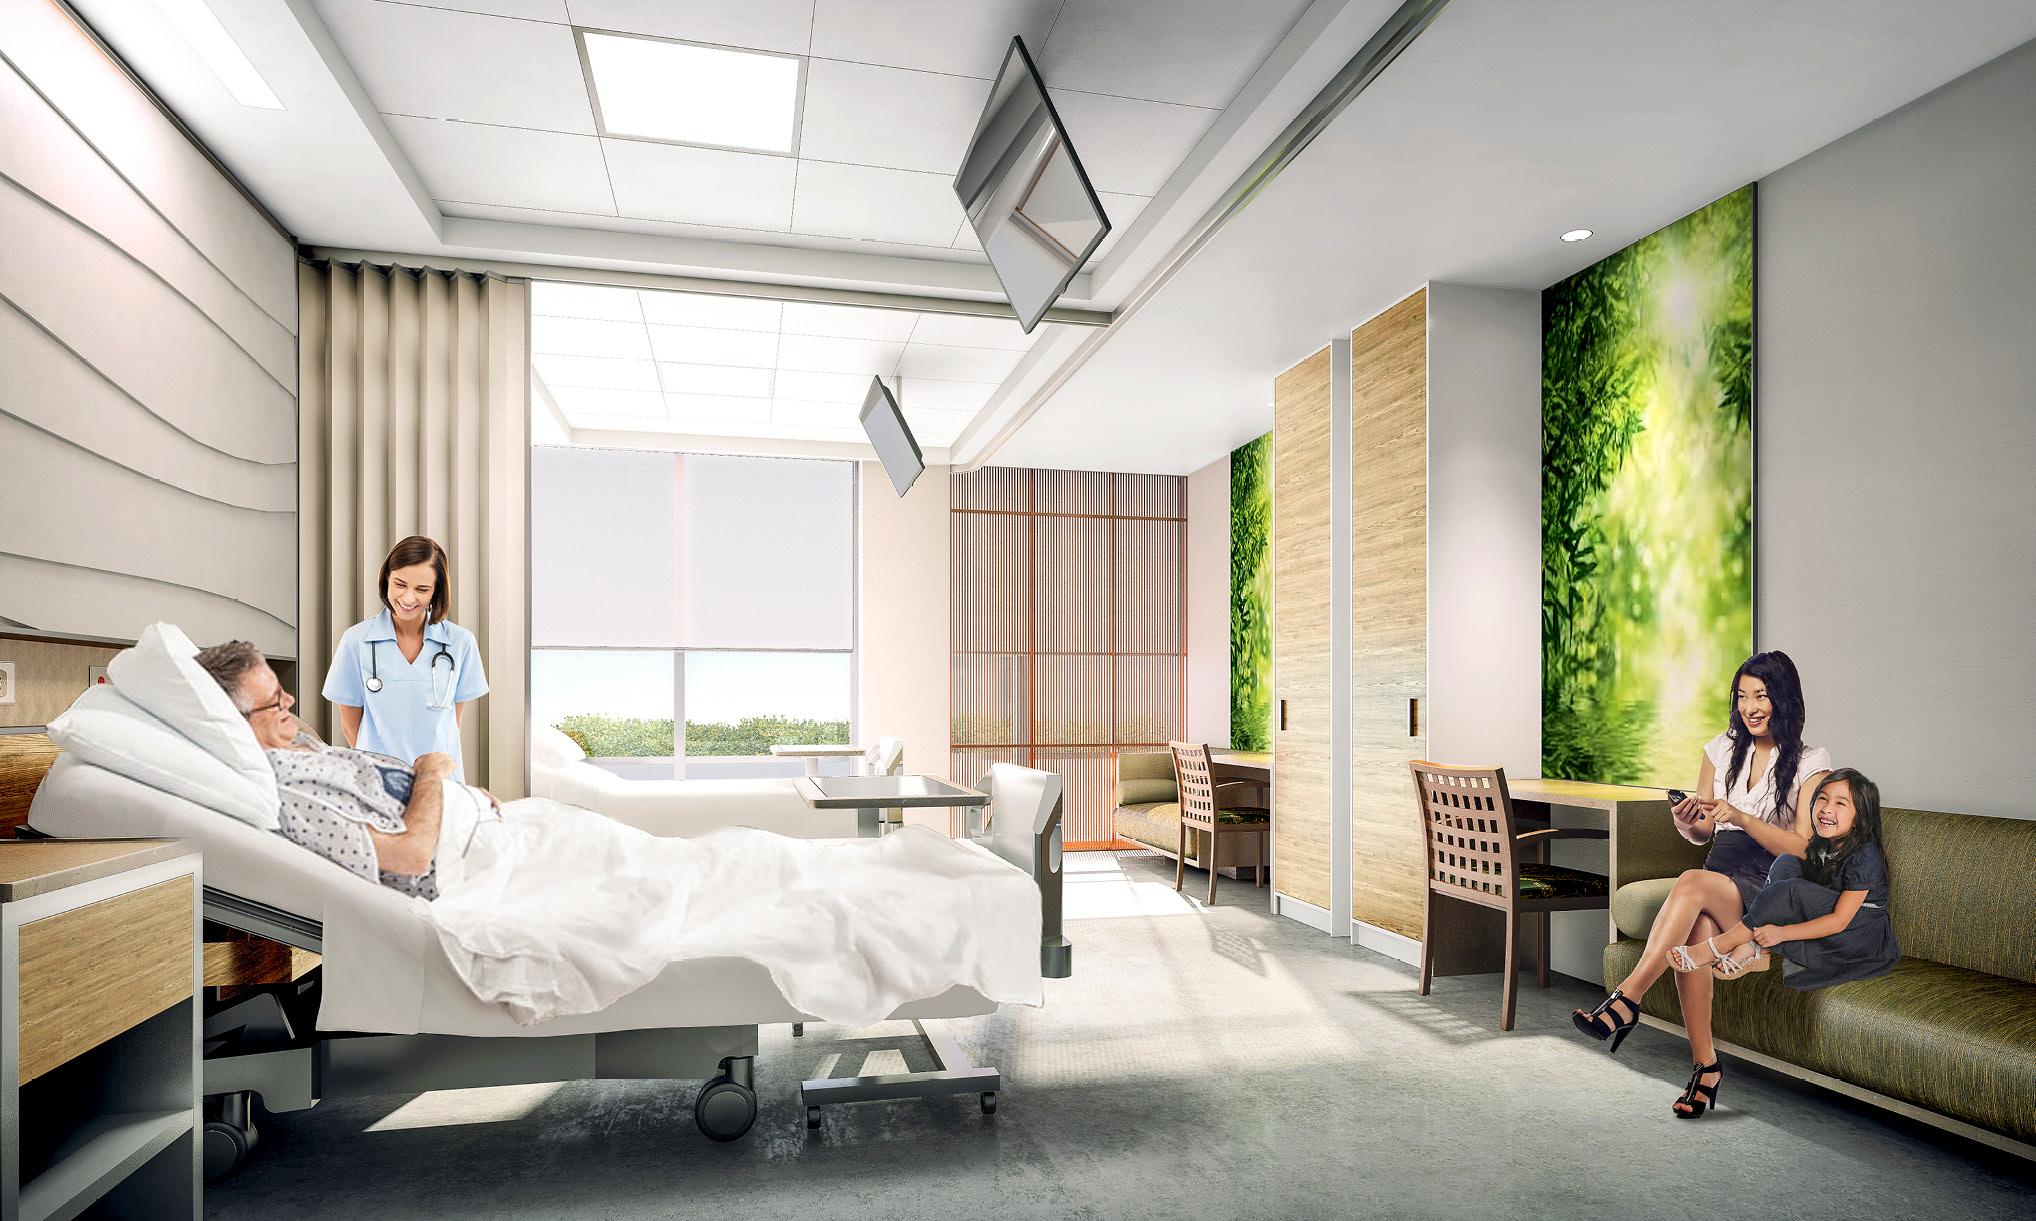 Saint Luke's Medical Center